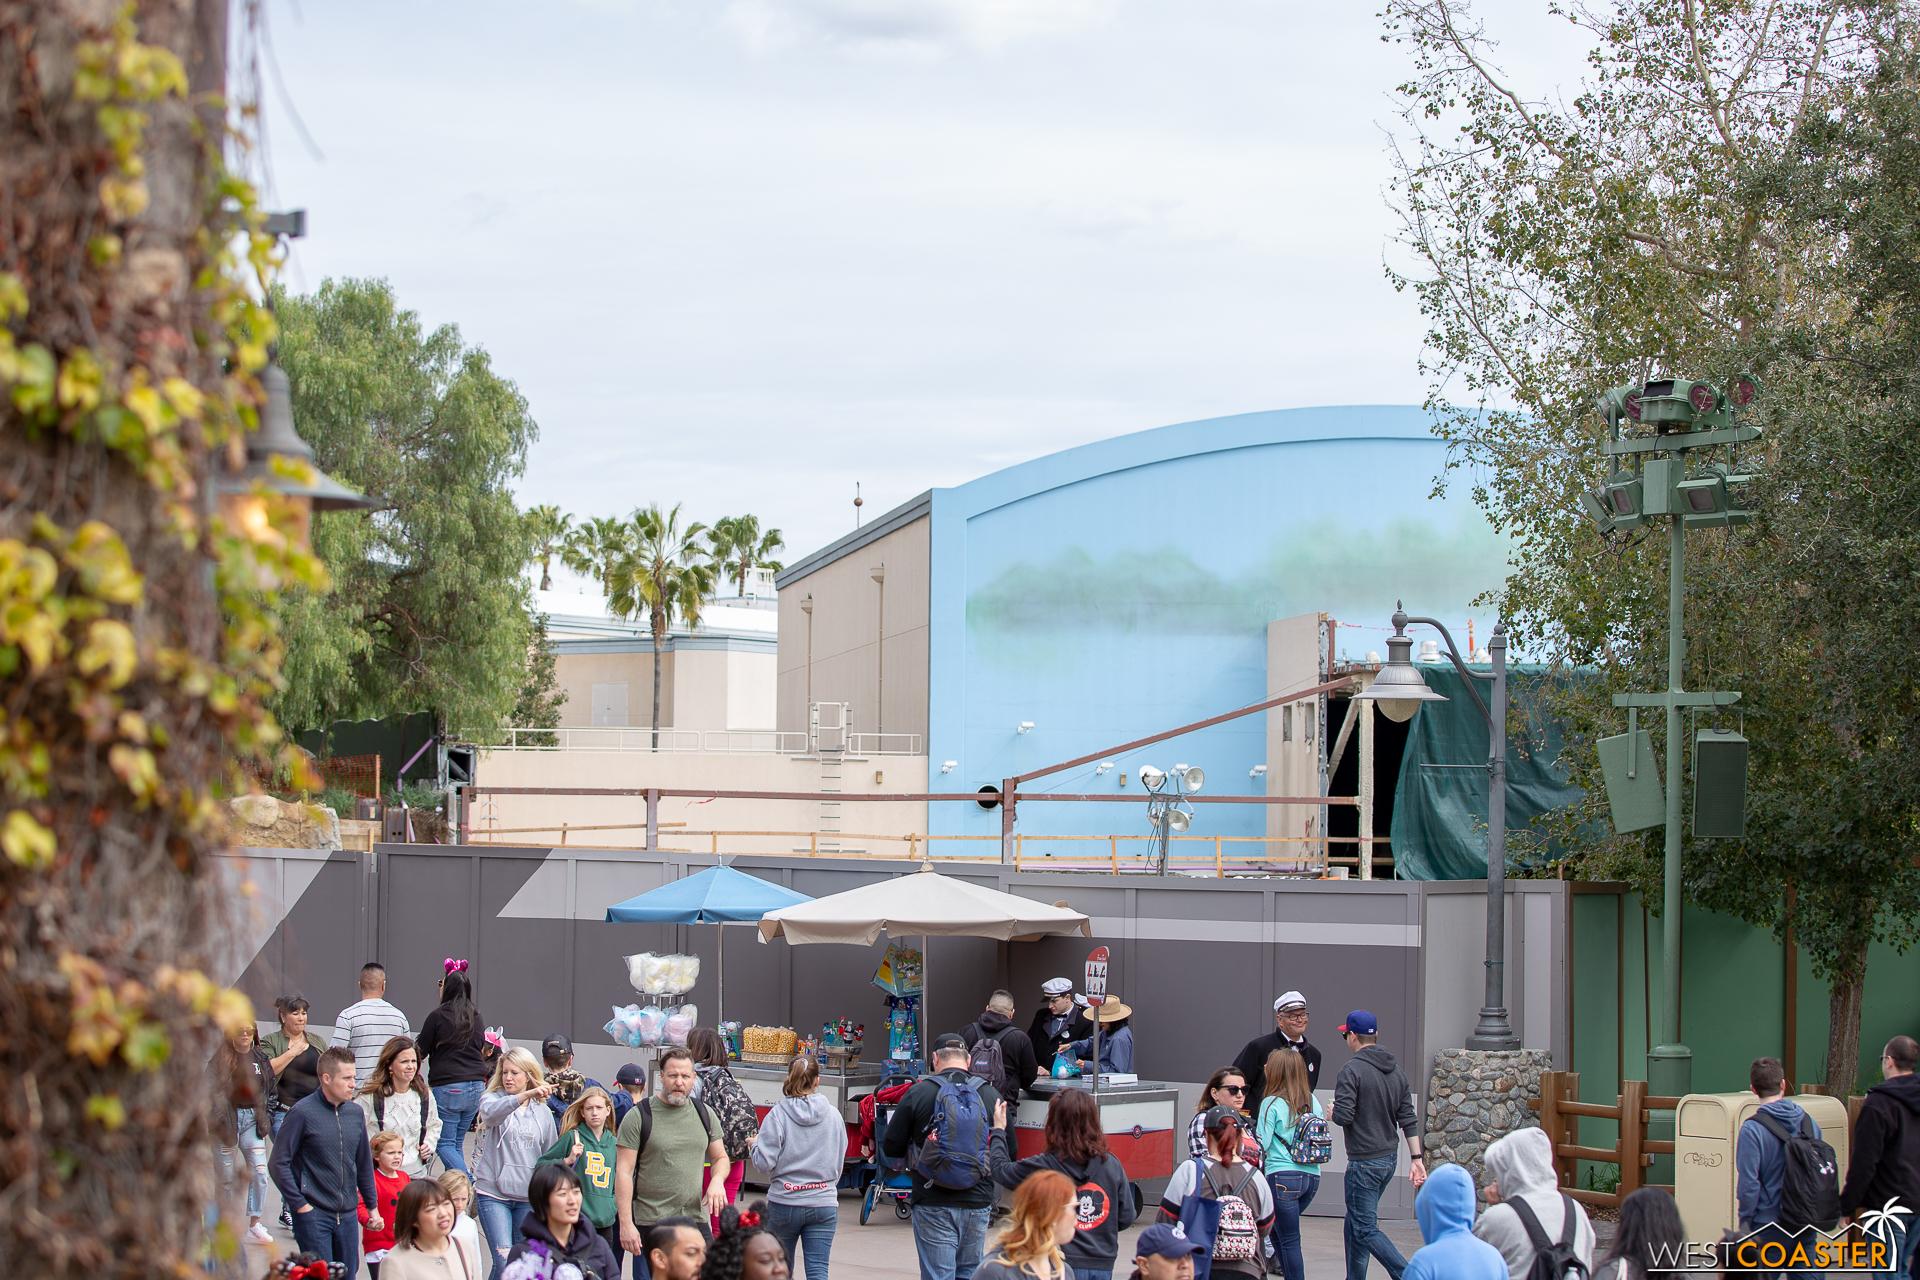 Westcoaster Disneyland Update 2-19-52.jpg